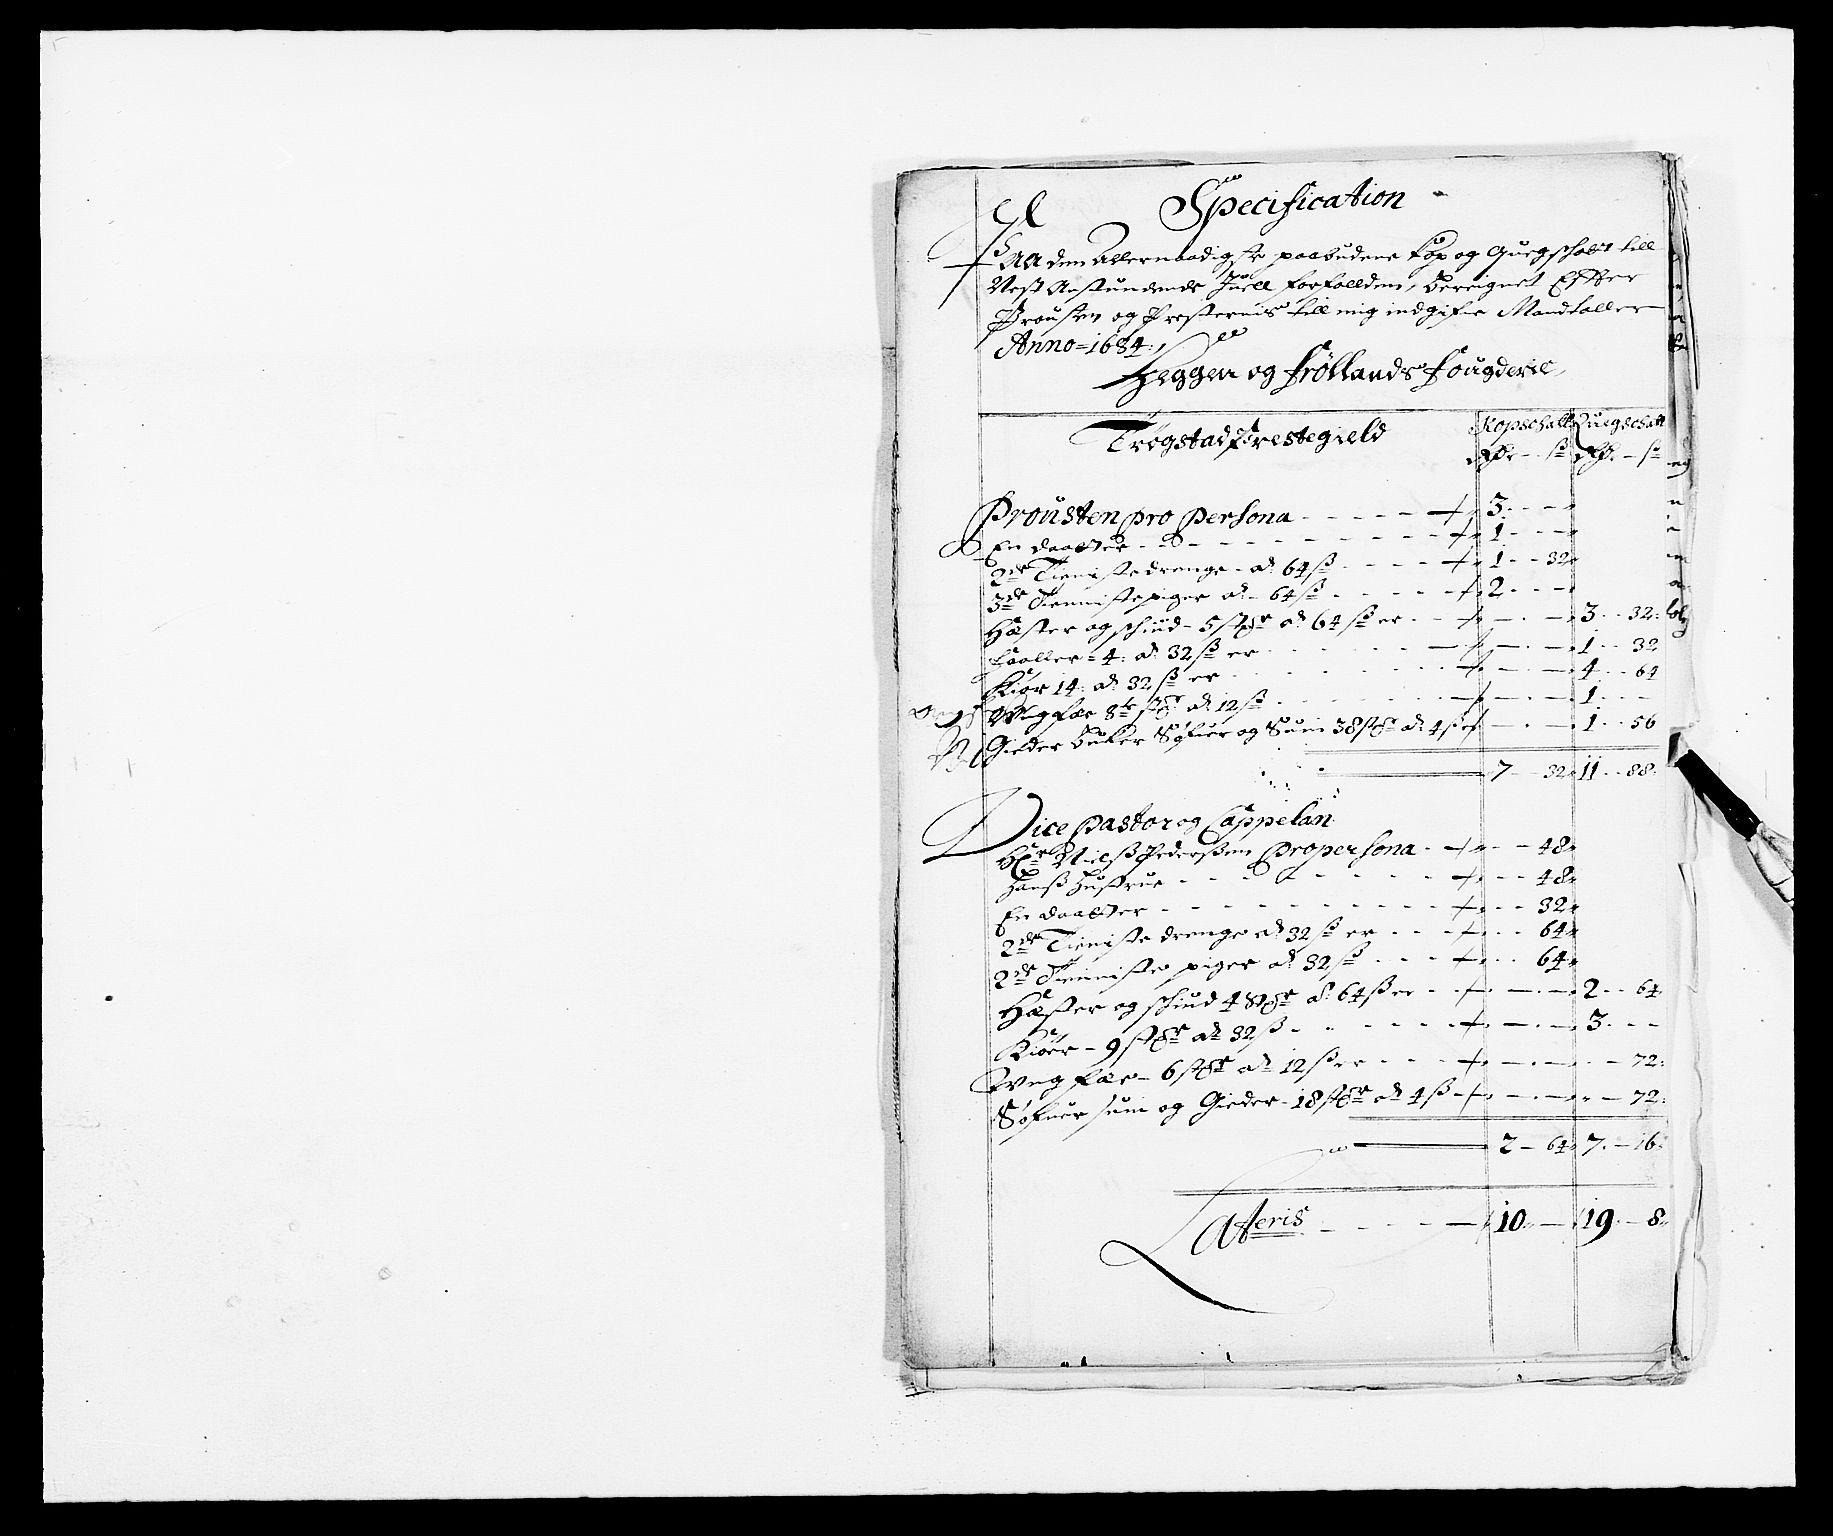 RA, Rentekammeret inntil 1814, Reviderte regnskaper, Fogderegnskap, R06/L0280: Fogderegnskap Heggen og Frøland, 1681-1684, s. 478